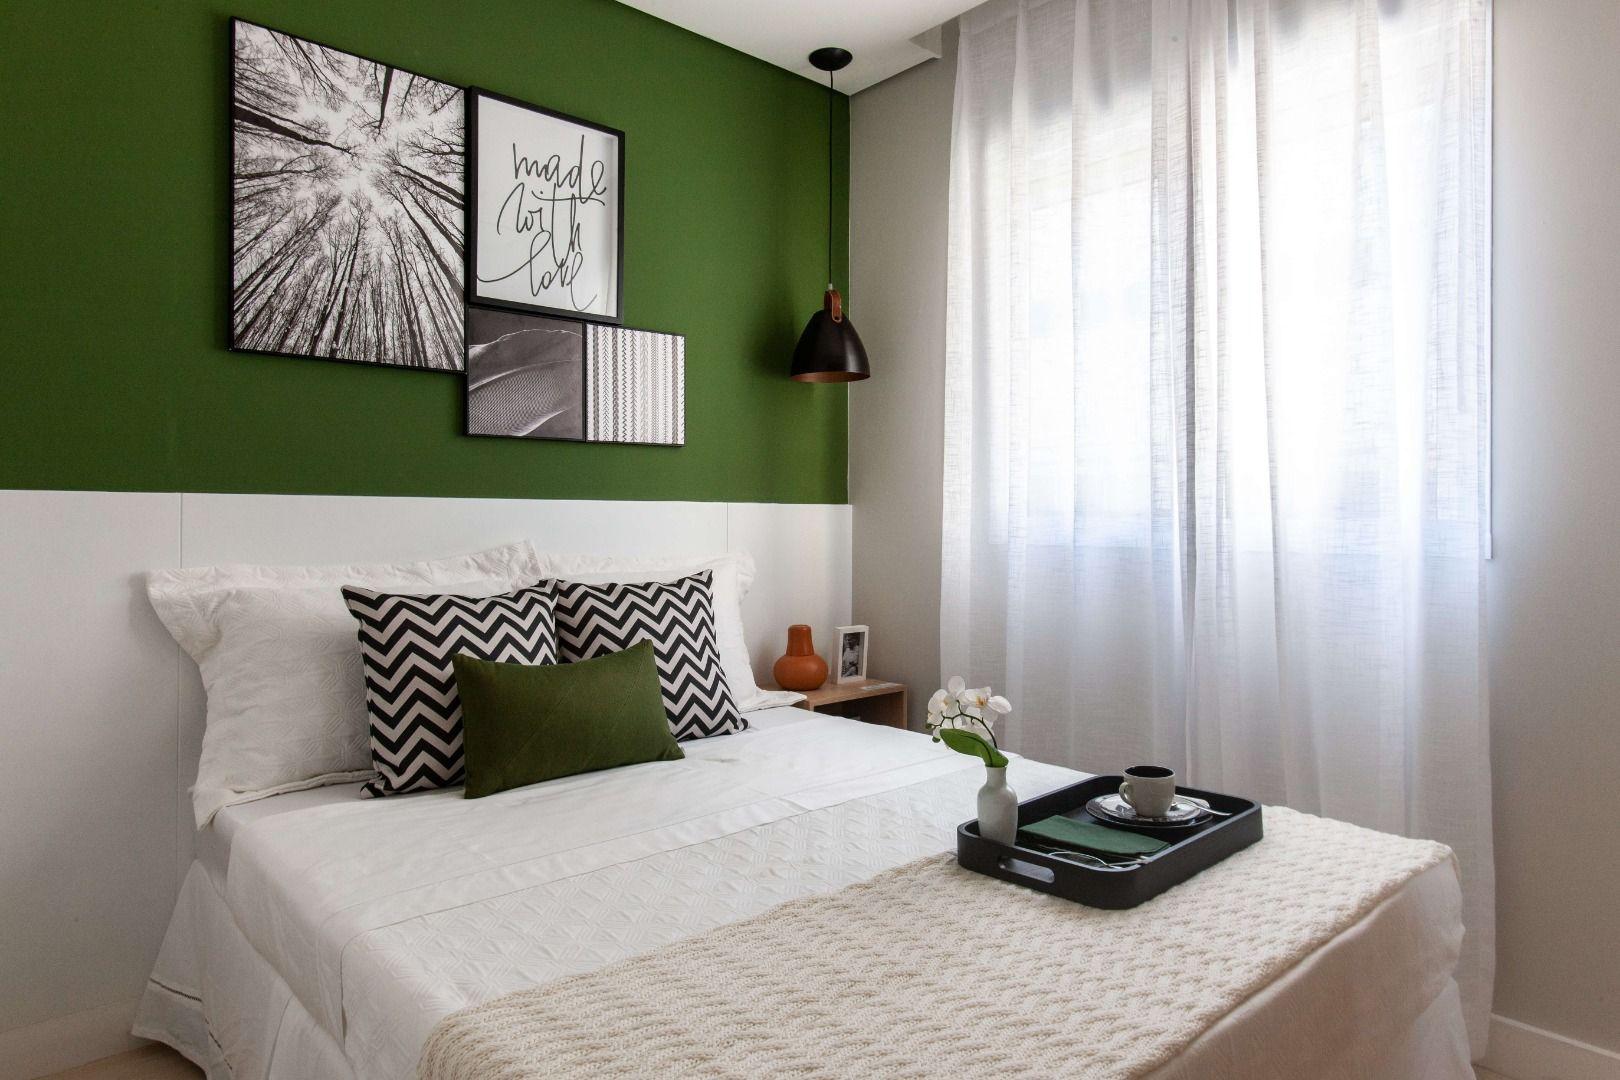 QUARTO - Imagens do apartamento decorado.